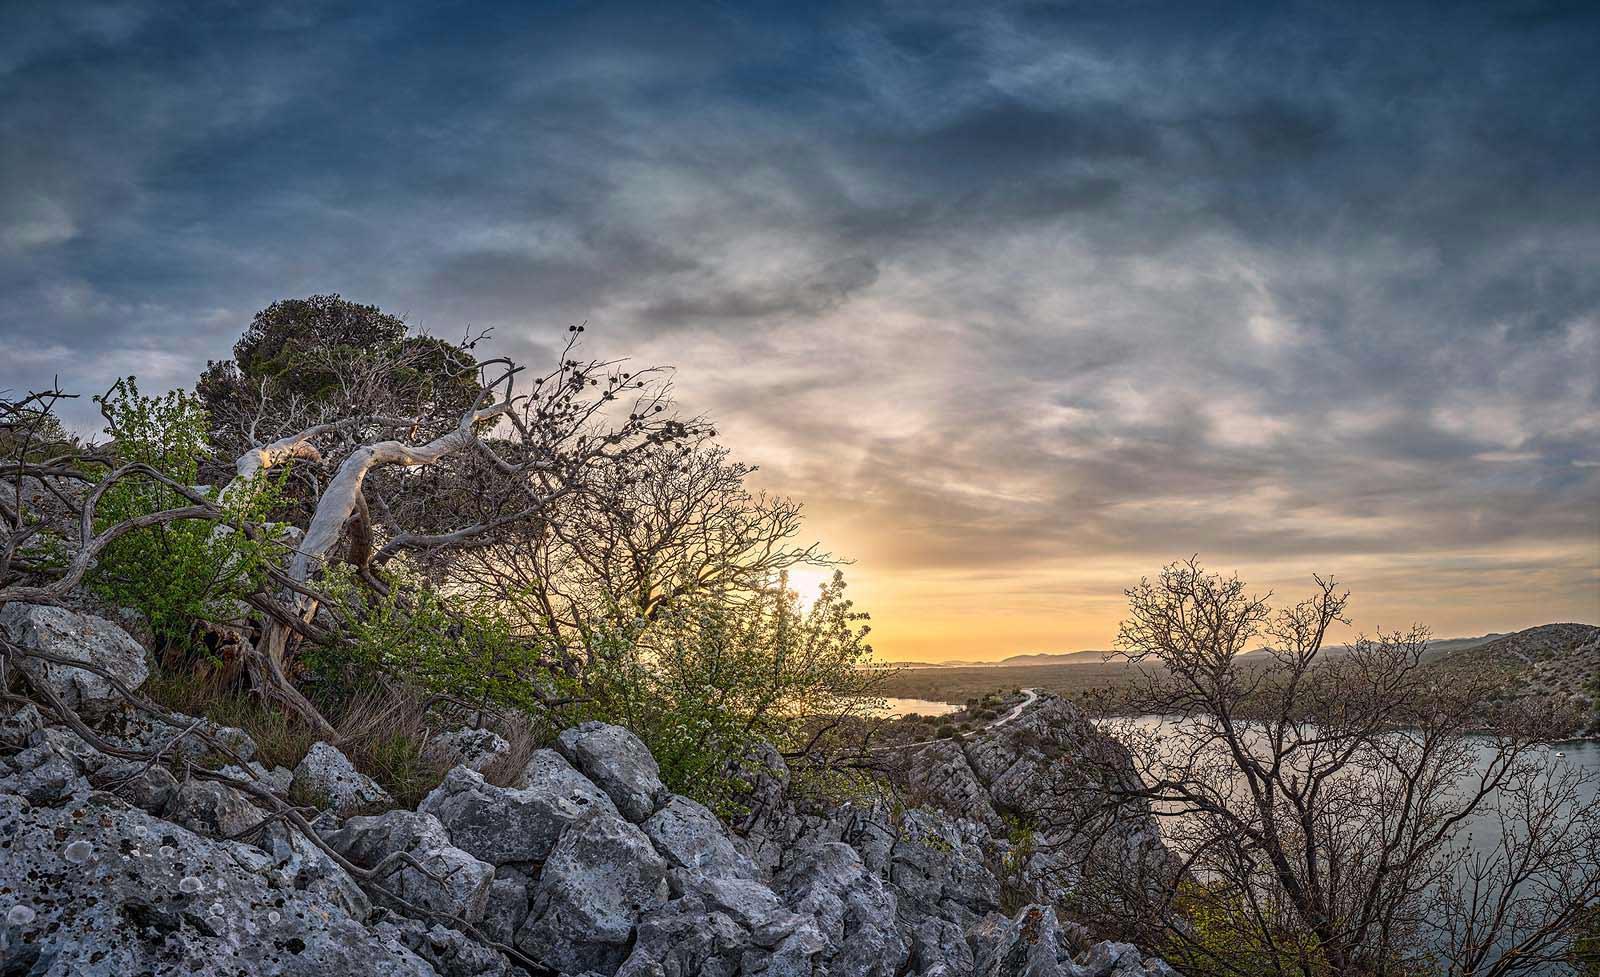 Sibenik, Kroatien: Sonnenuntergang am Kanal Sveti Ante. Einzeiliges Panorama, zusammengesetzt aus 16 Aufnahmen. Originalgröße 150x90 cm | © Reinhard Podolsky